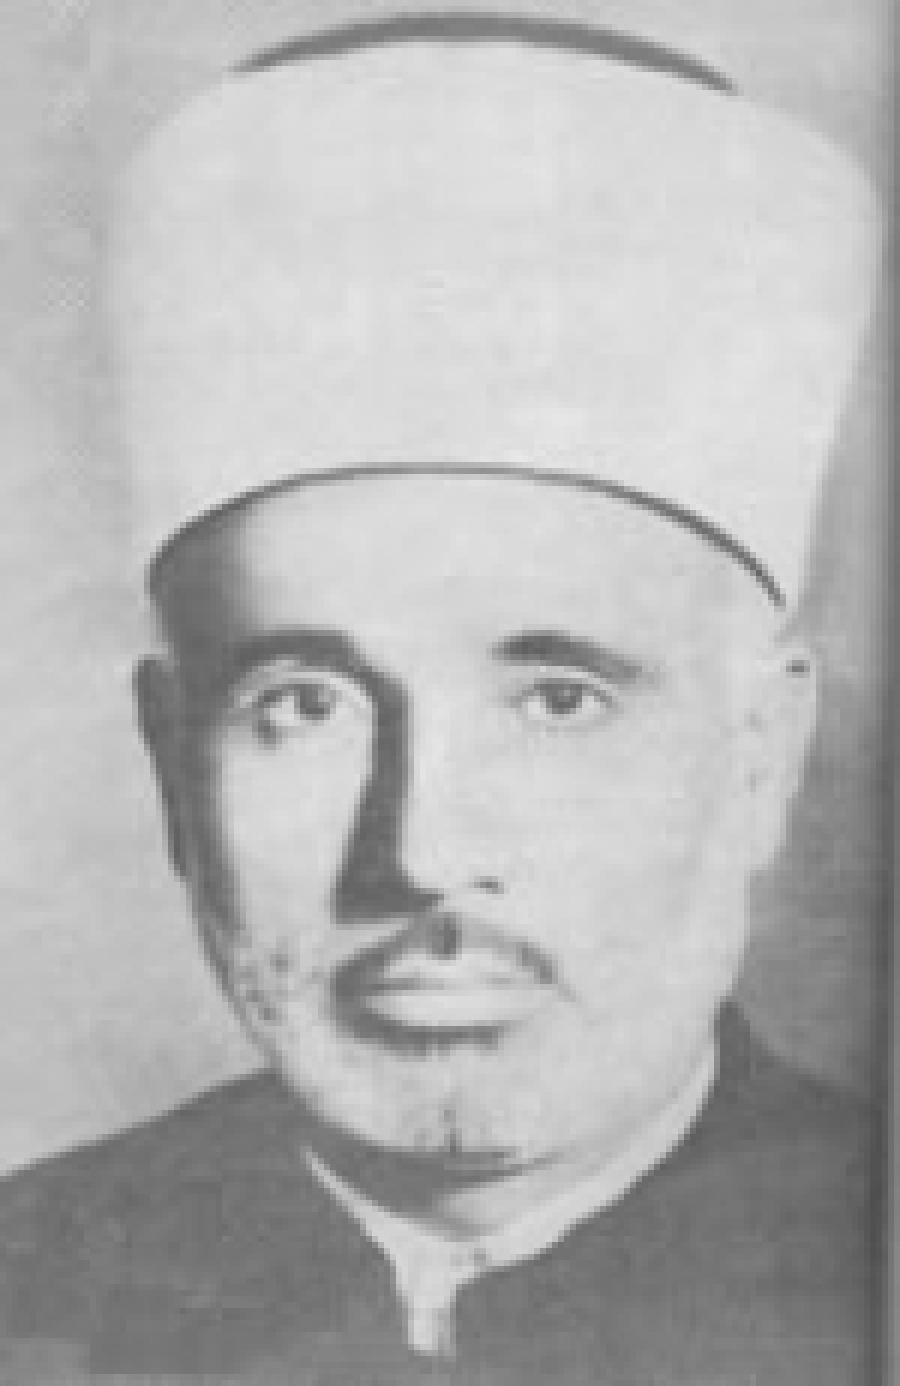 Sheikh Muhammad Taqiuddin al-Nabhani